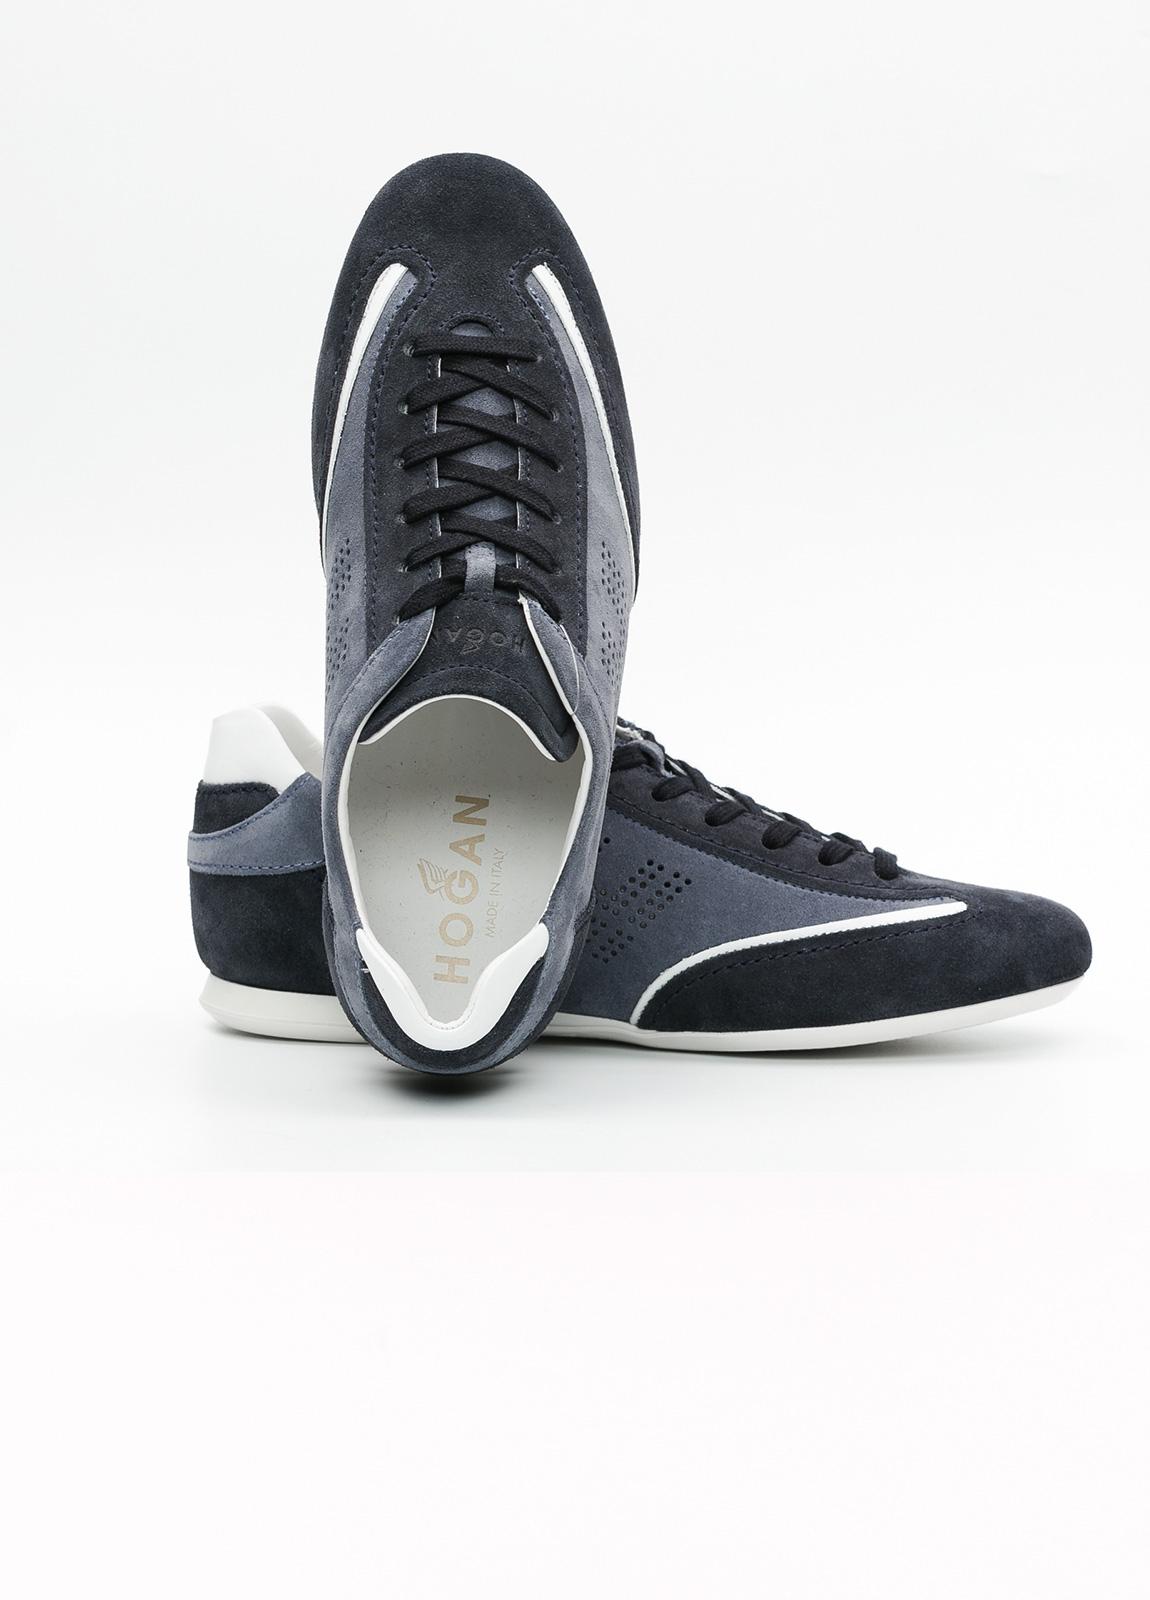 Calzado sport hombre OLYMPIA color azul. 100% Serraje. - Ítem2